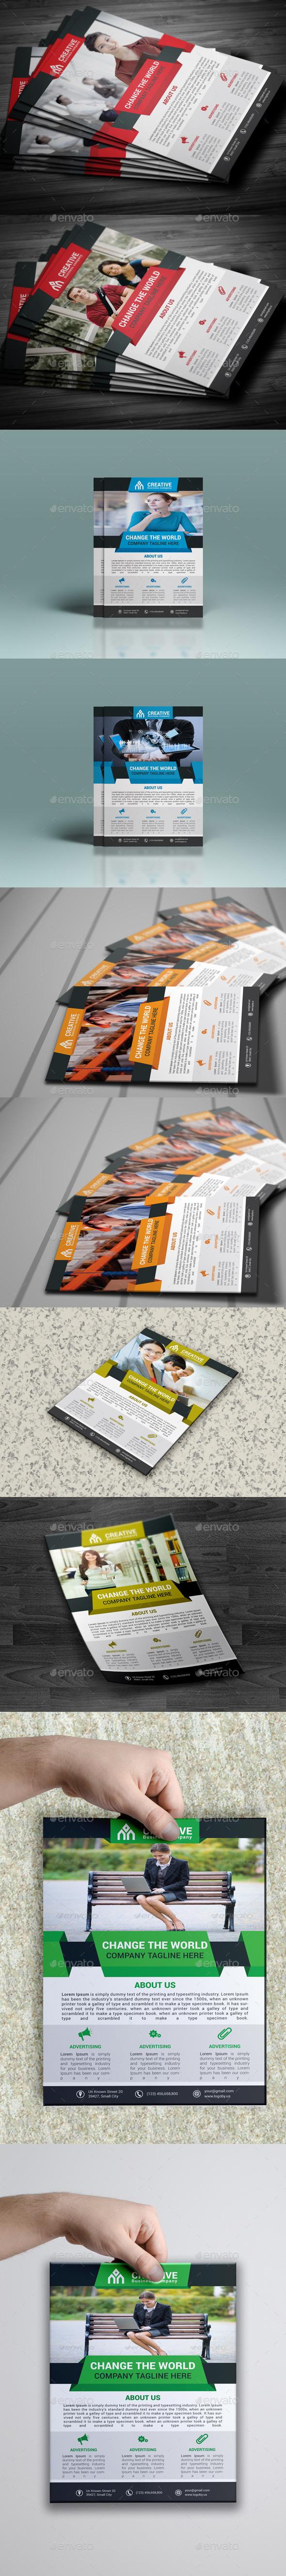 GraphicRiver Flyer Bundle 10031675